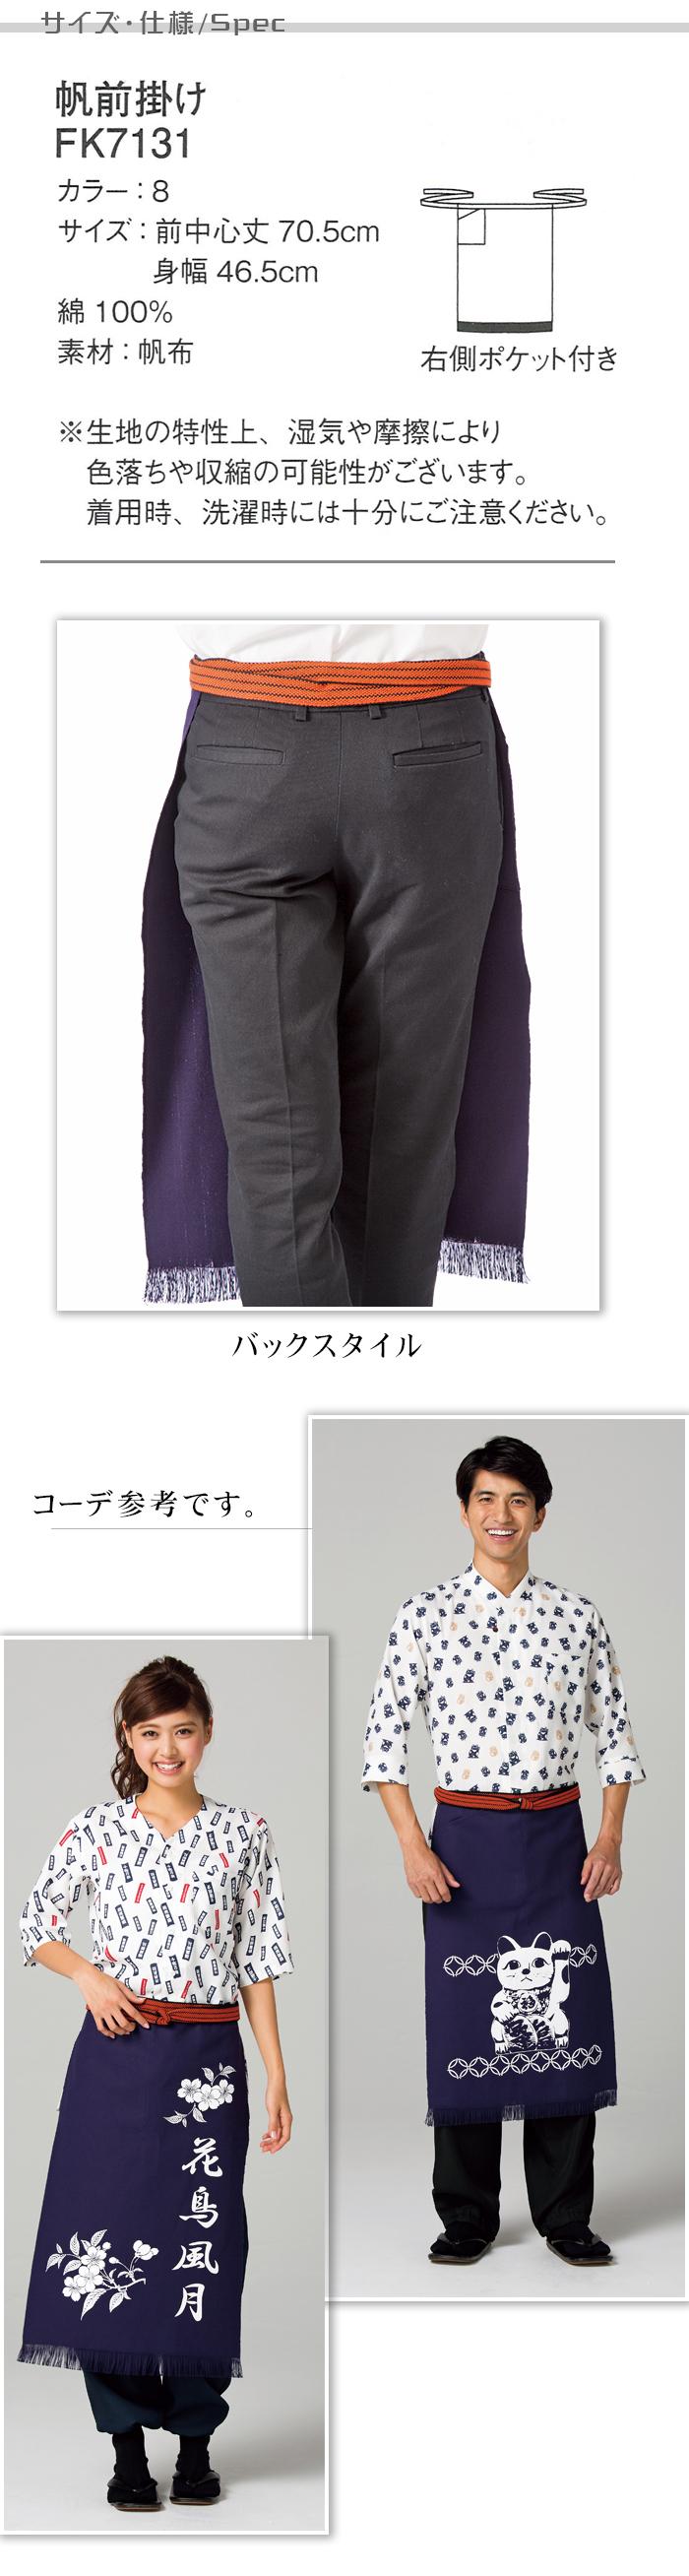 飲食店販売店制服 和店舗の必須アイテム帆前掛け 右ポケット  商品サイズ、仕様説明